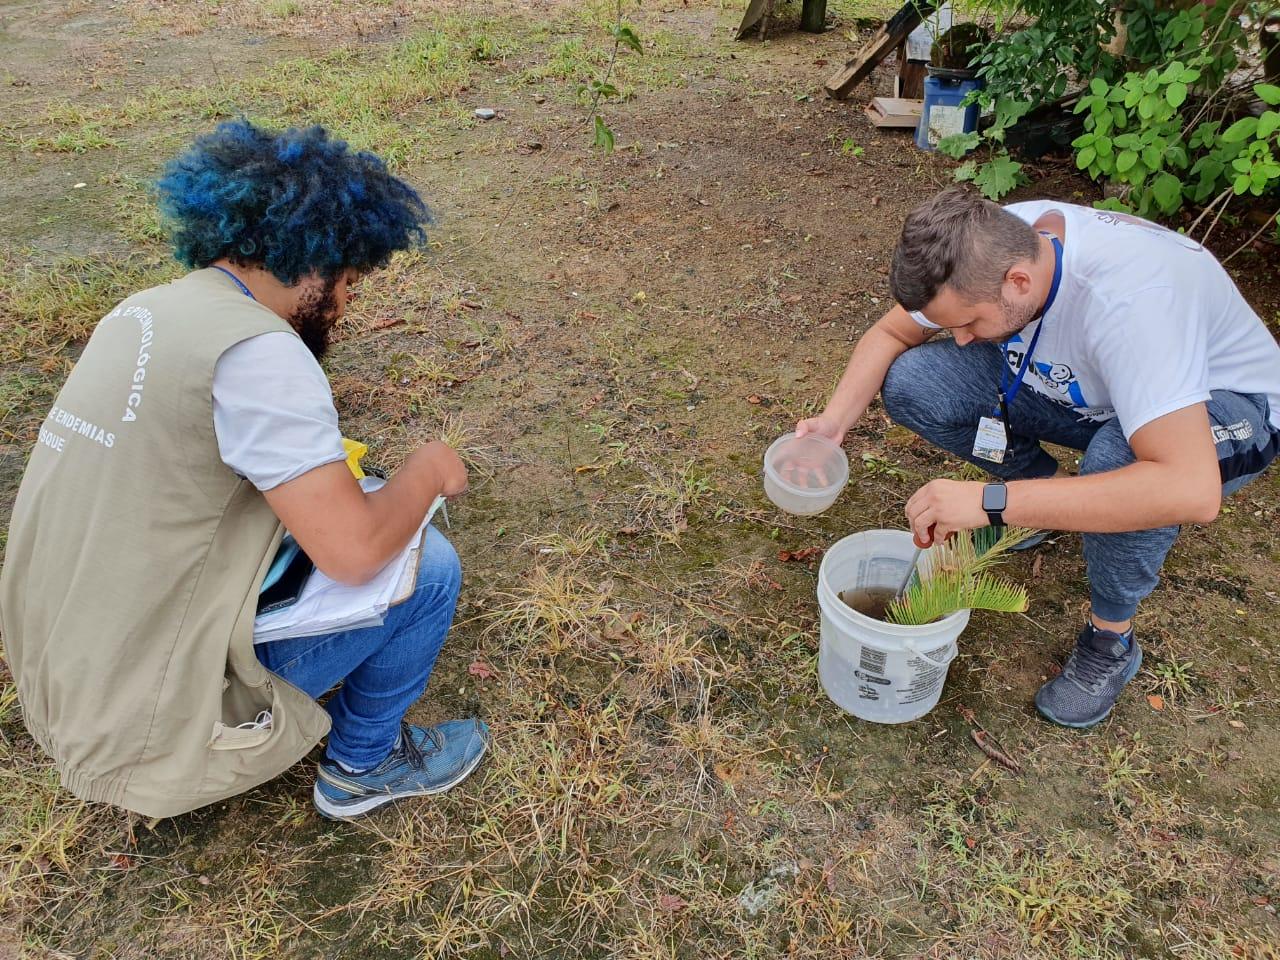 Programa de Combate a Dengue mantém atendimento durante as festas de final de ano